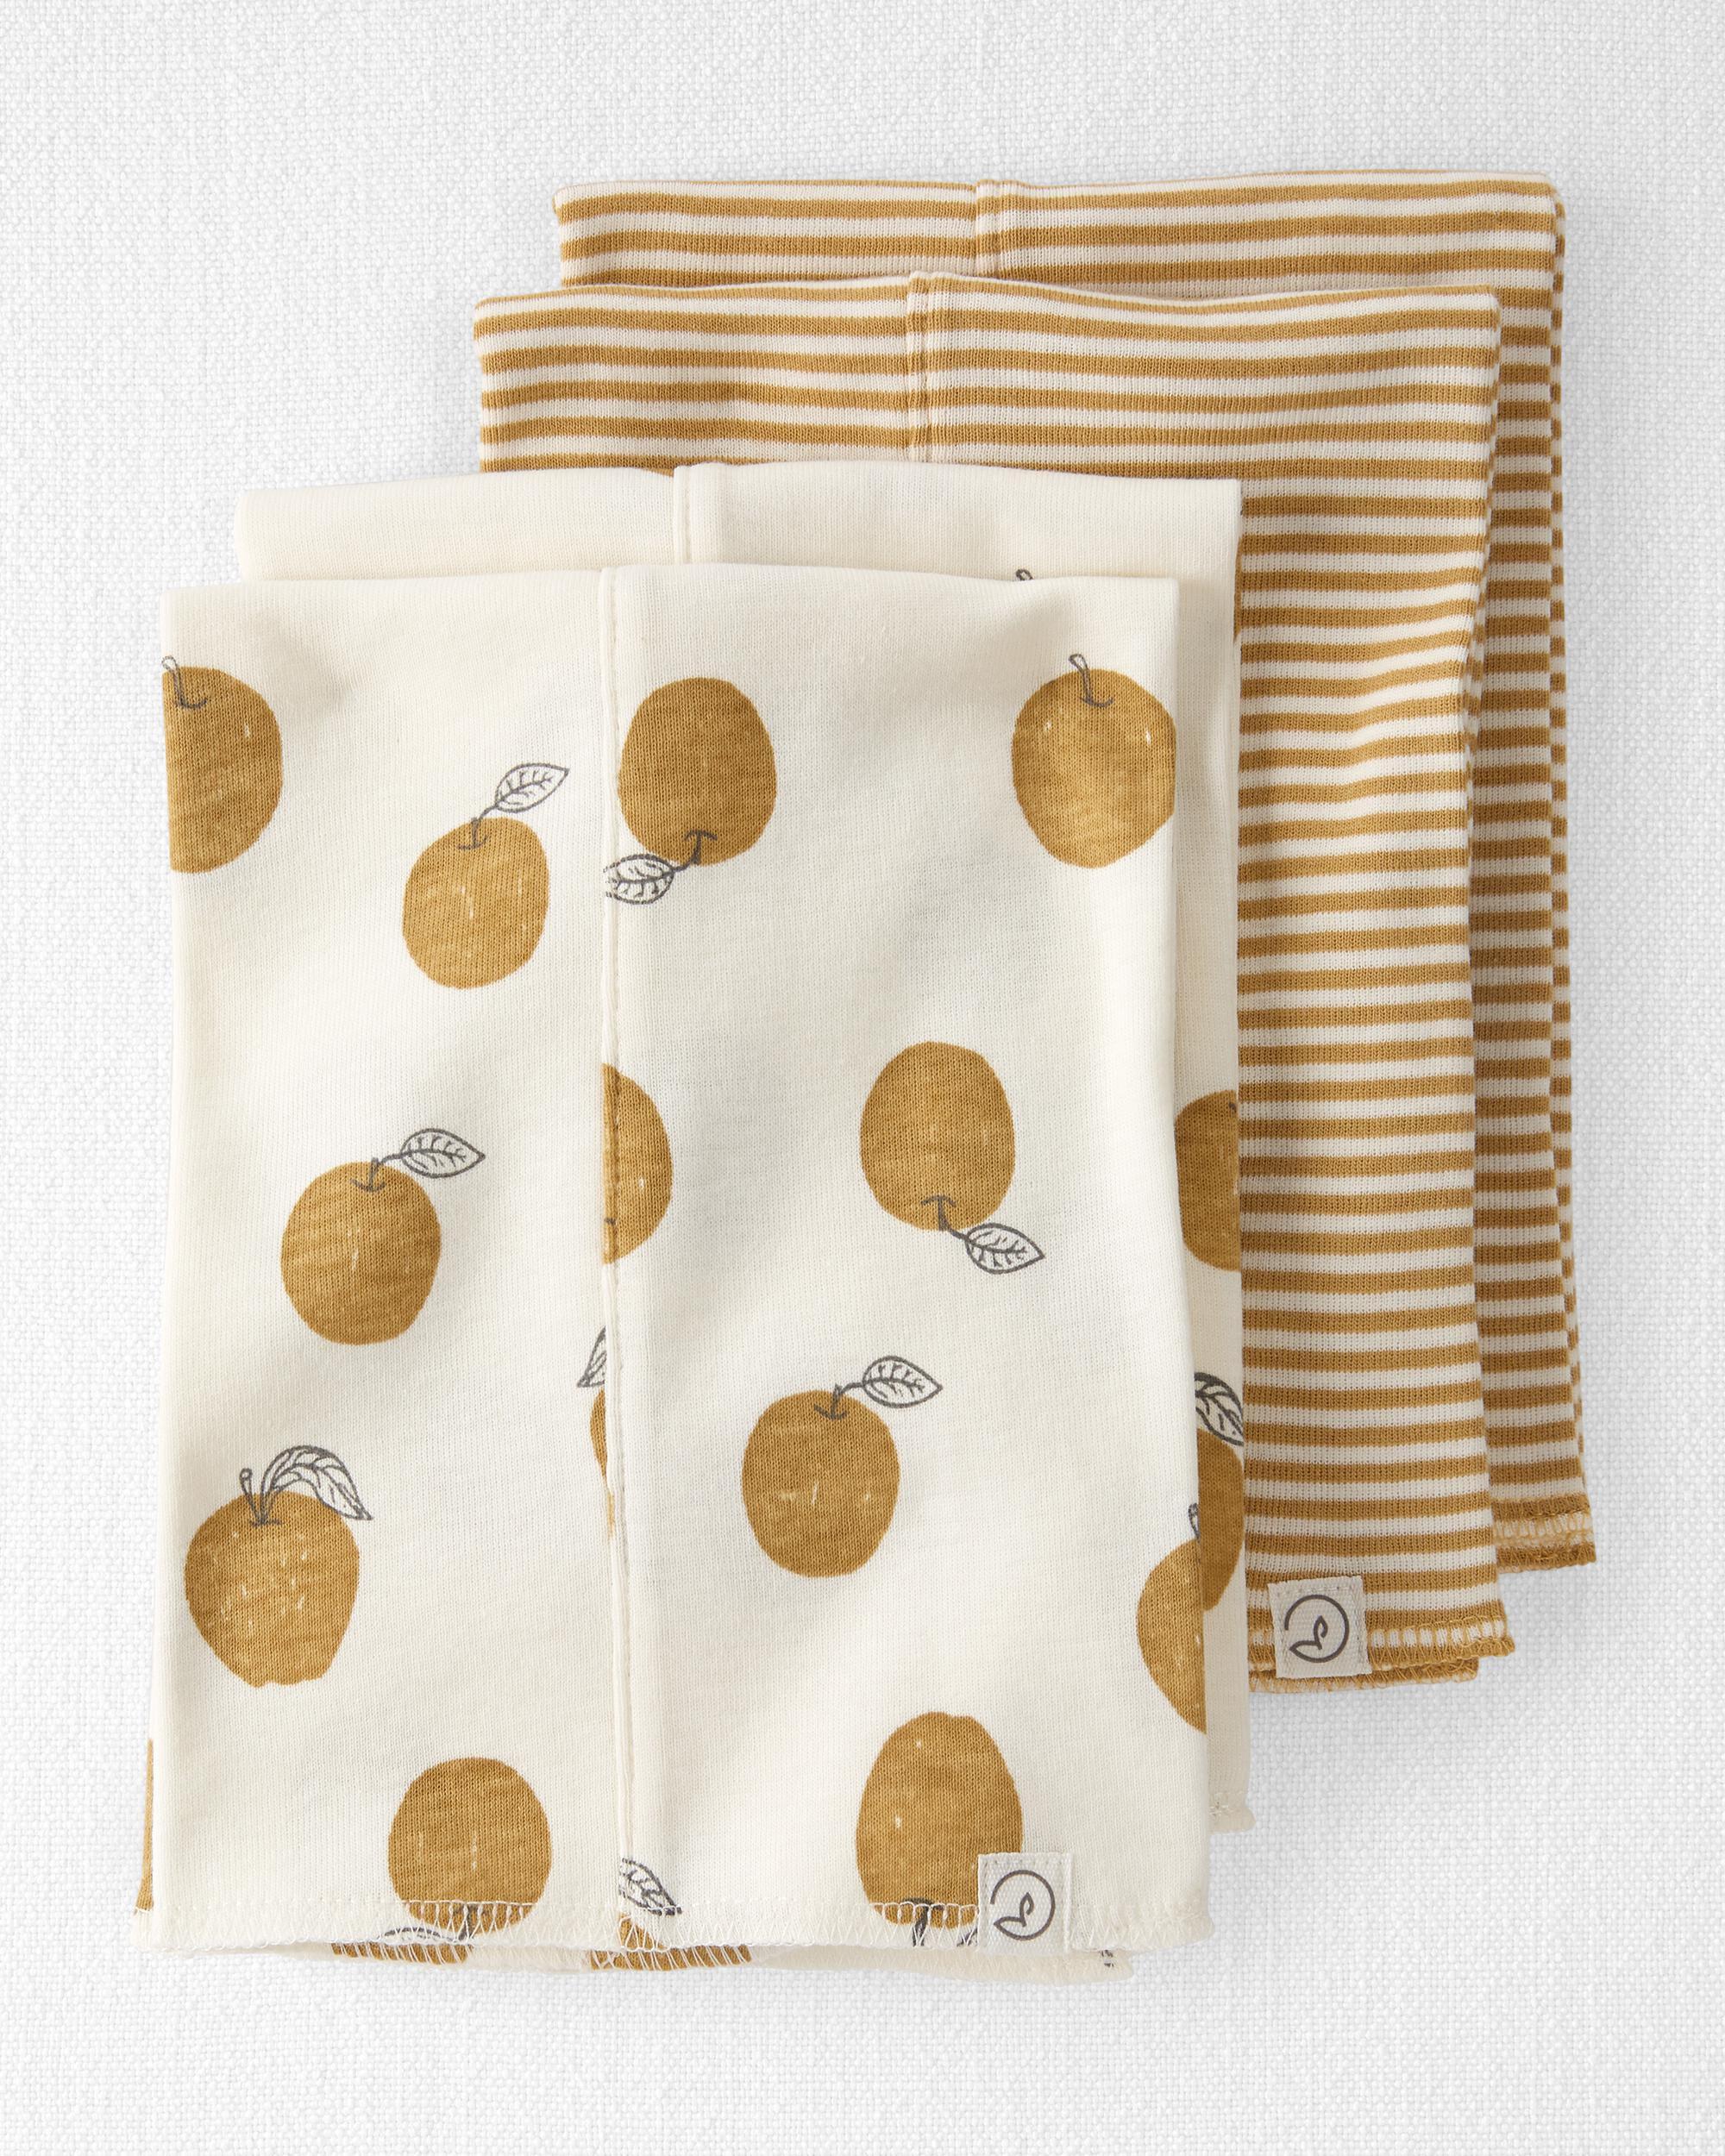 Oshkoshbgosh 4-Pack Organic Cotton Utility Cloths